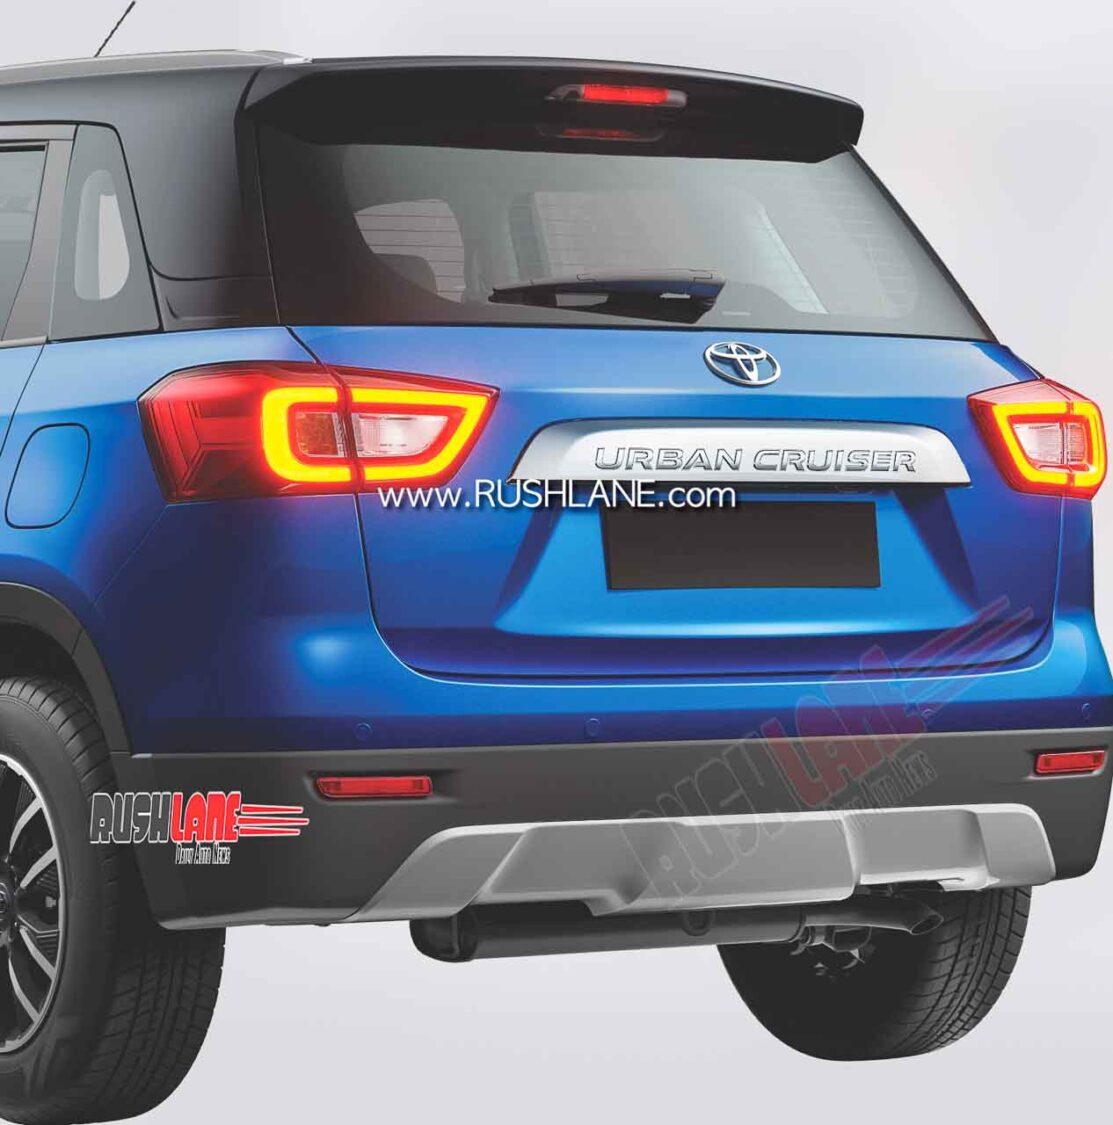 2021 - [Toyota] Urban Cruiser II 2020-toyota-urban-cruiser-brochure-leaks-2-1113x1125